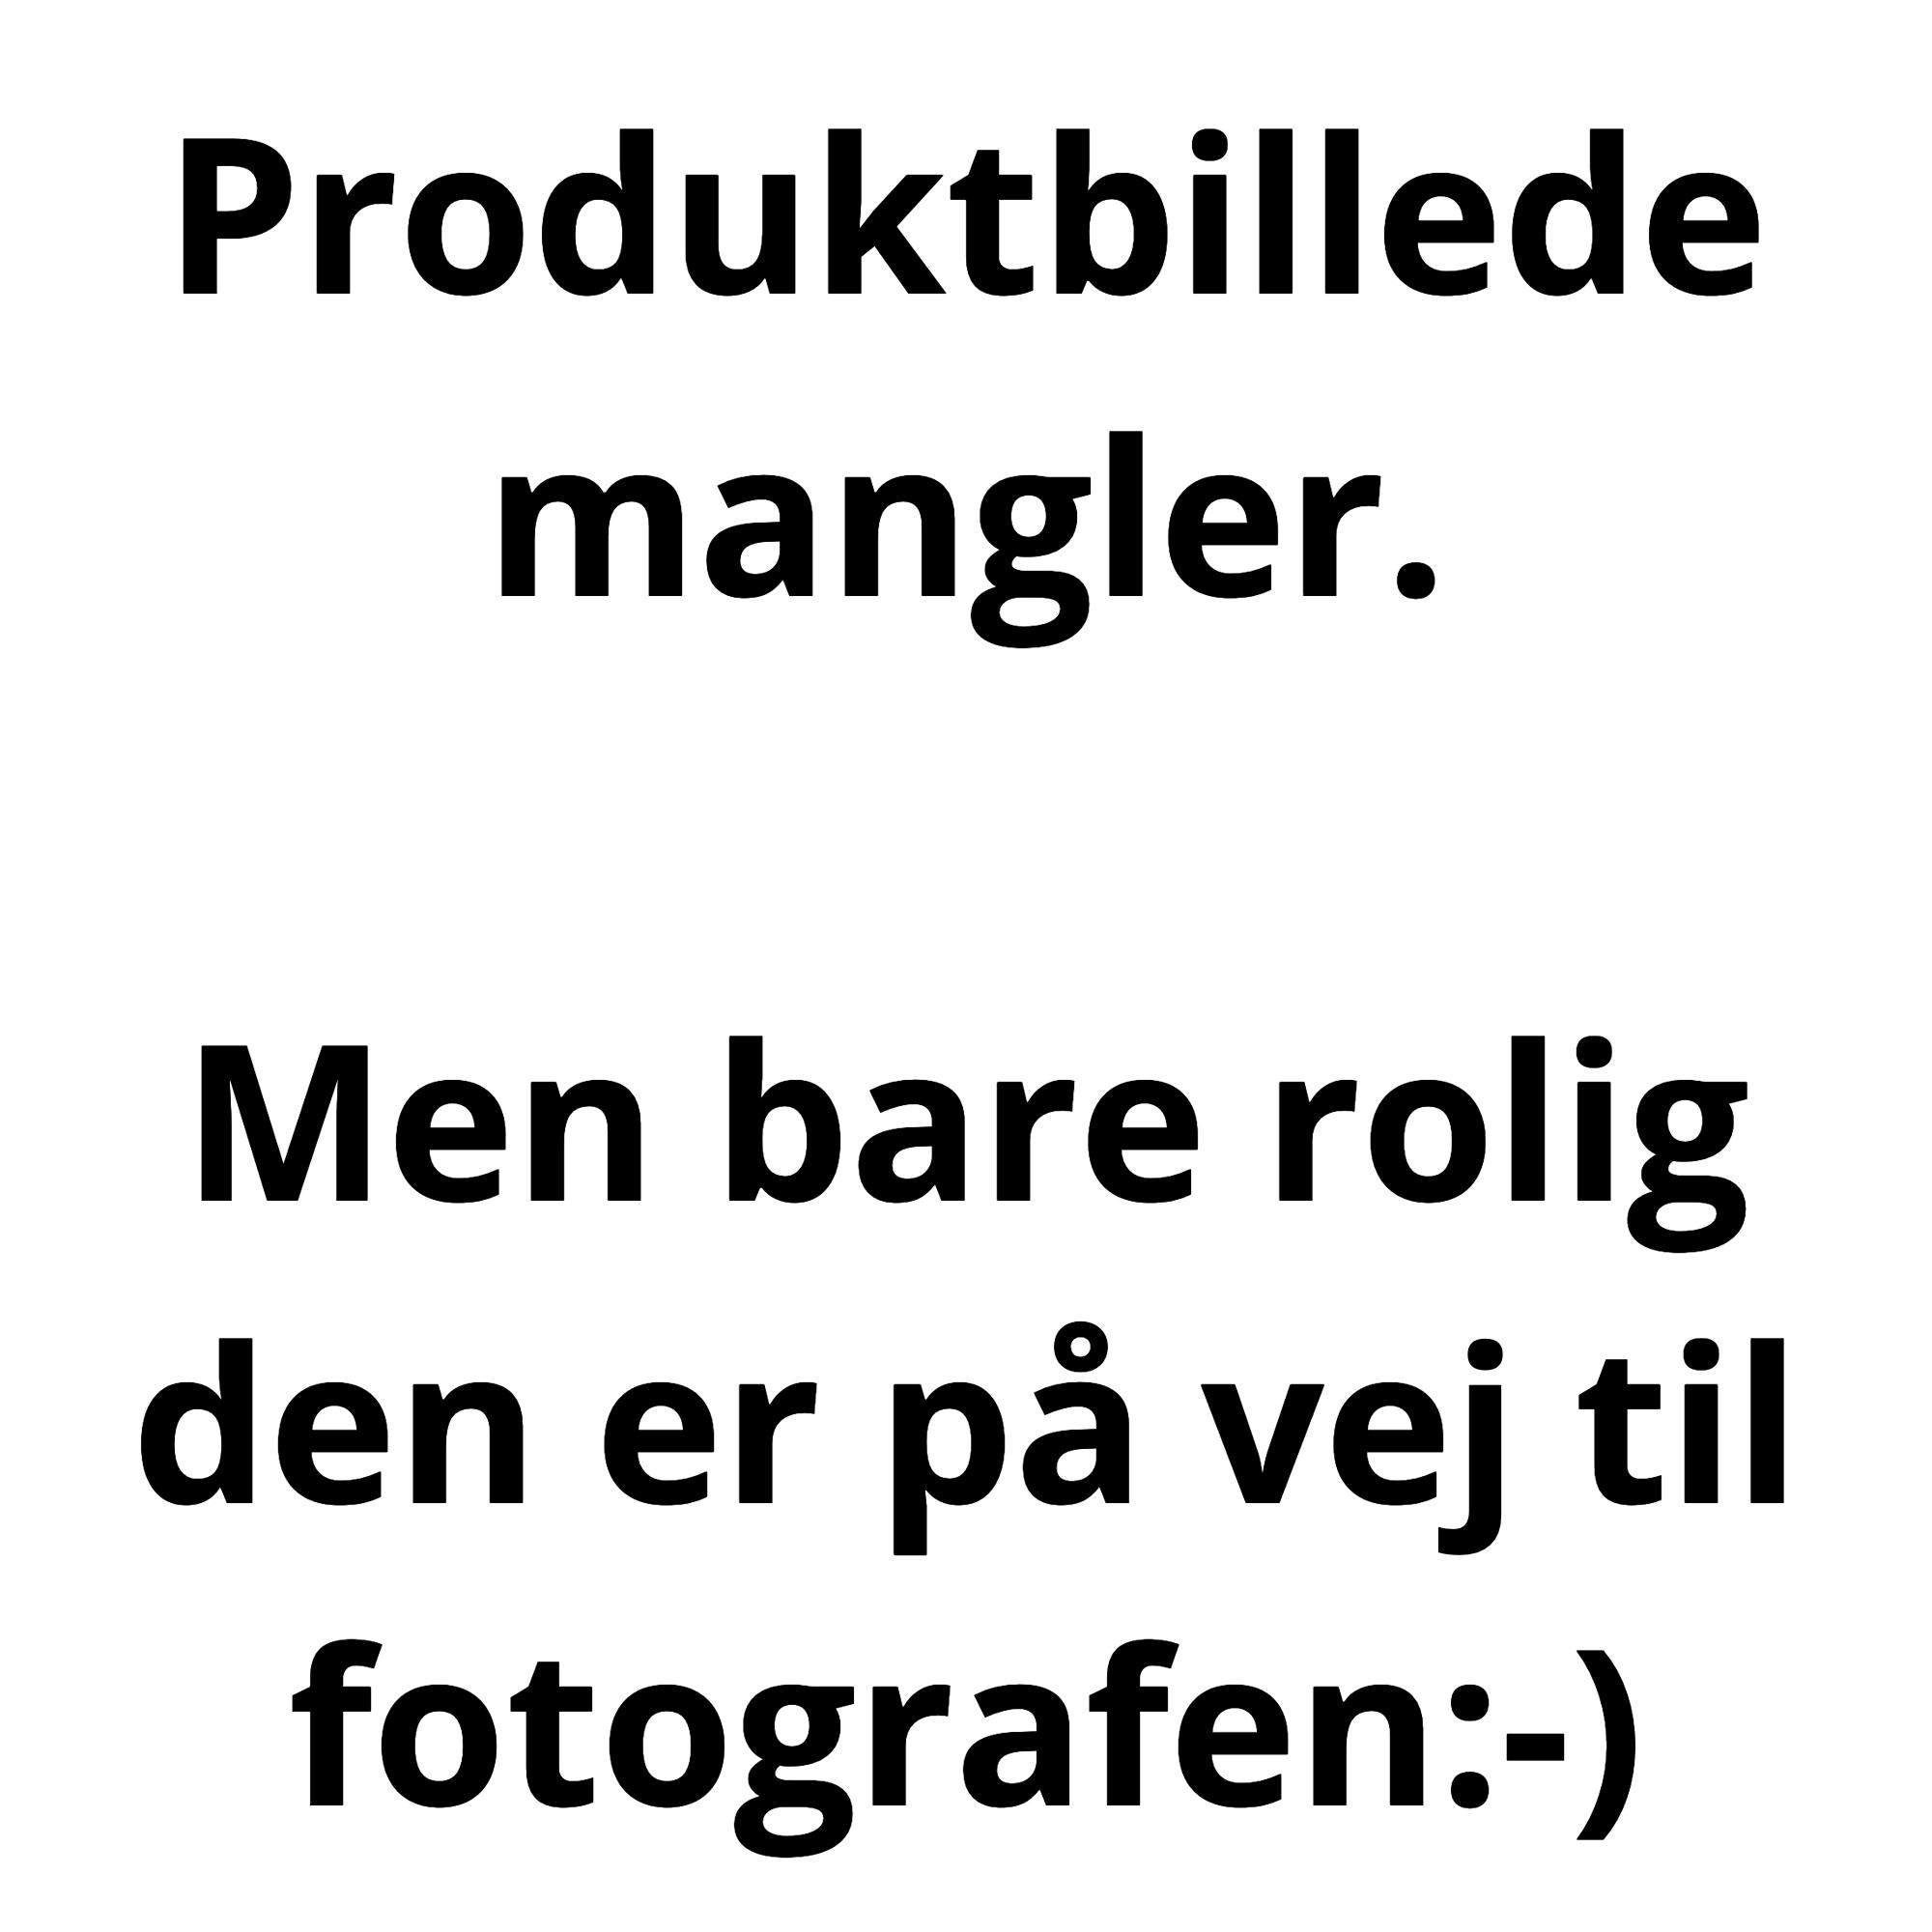 Brodit Apple iPhone 6S Plus/7 Plus/8 Plus/Xs Max - Faststrøms Holder